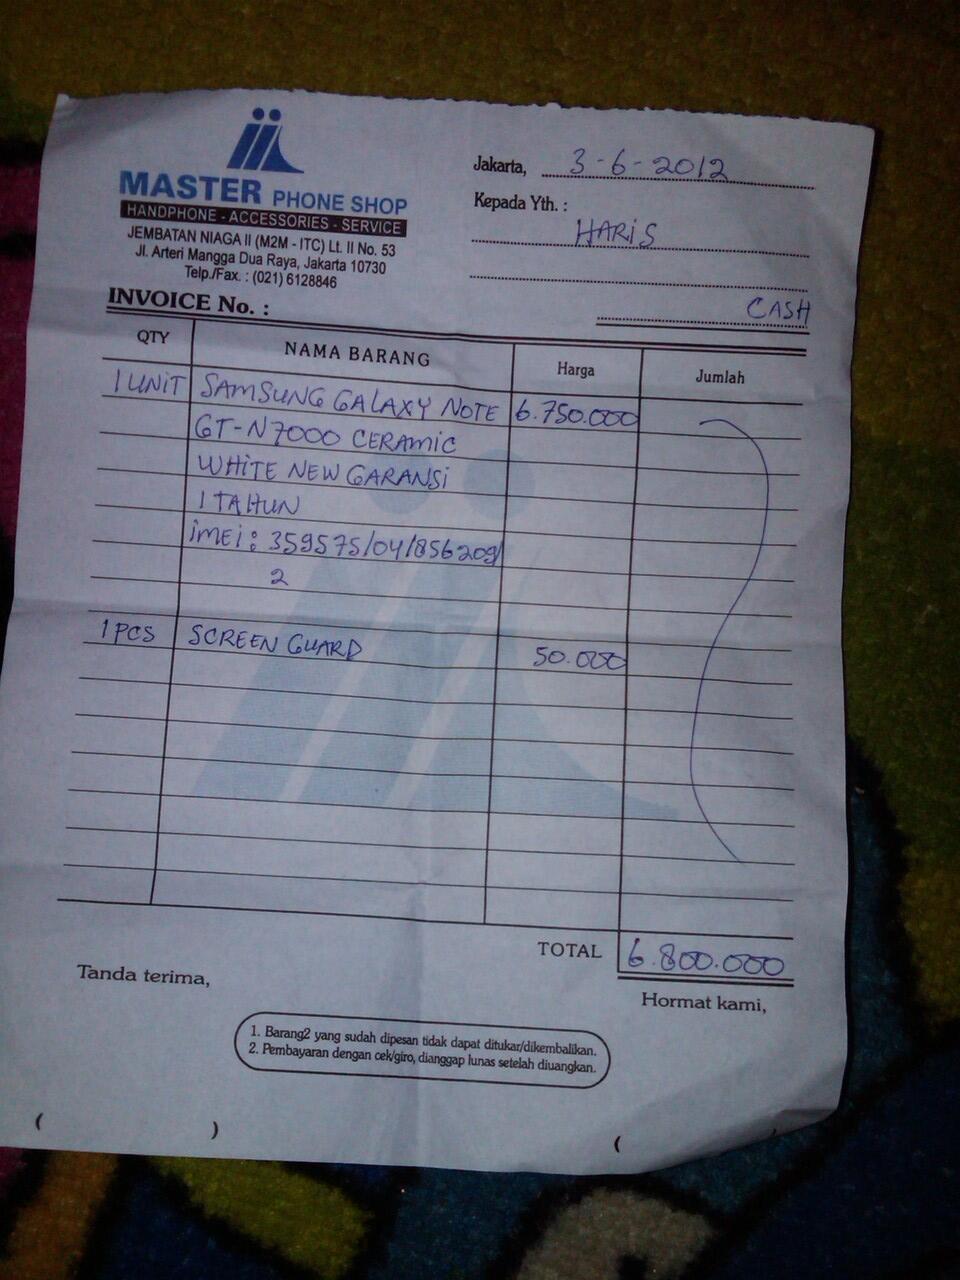 [WTS] SAMSUNG GALAXY NOTE 1 N7000 FULLSET GARANSI SEIN JUNI 2013 MULUS DEPOK